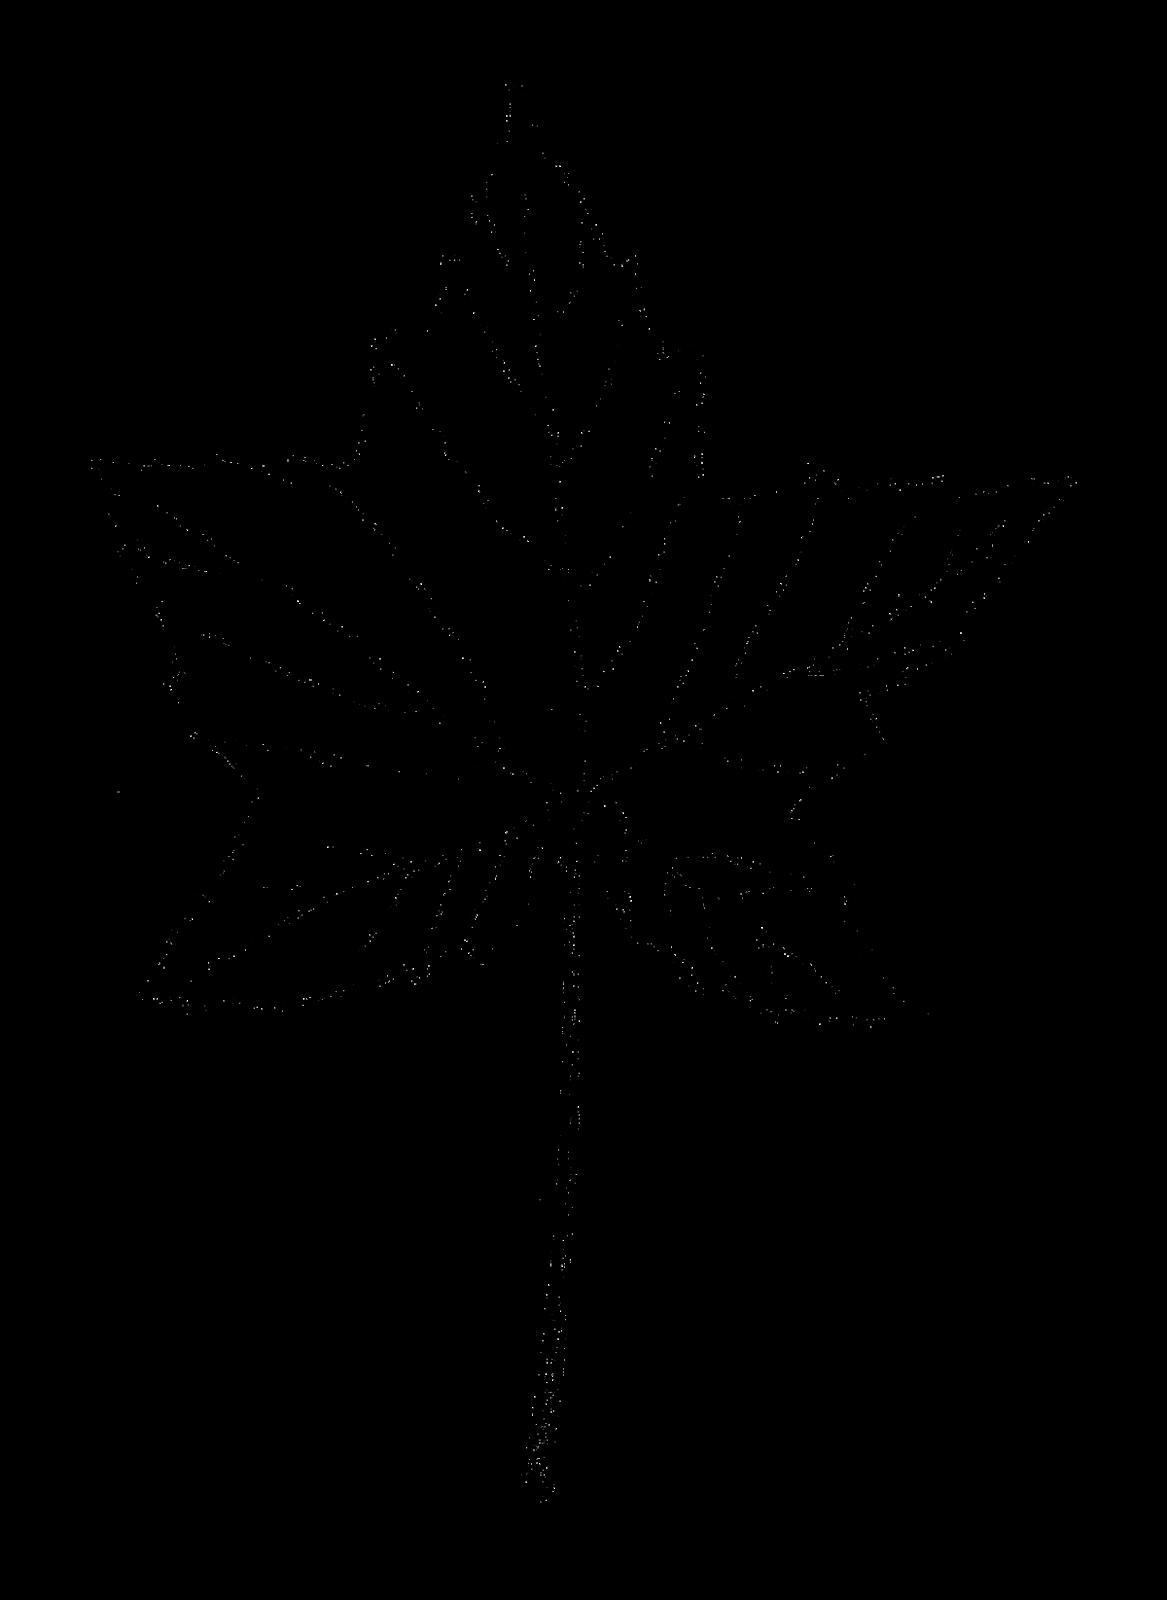 Digital Stamp Design Maple Leaf Image Botanical Art